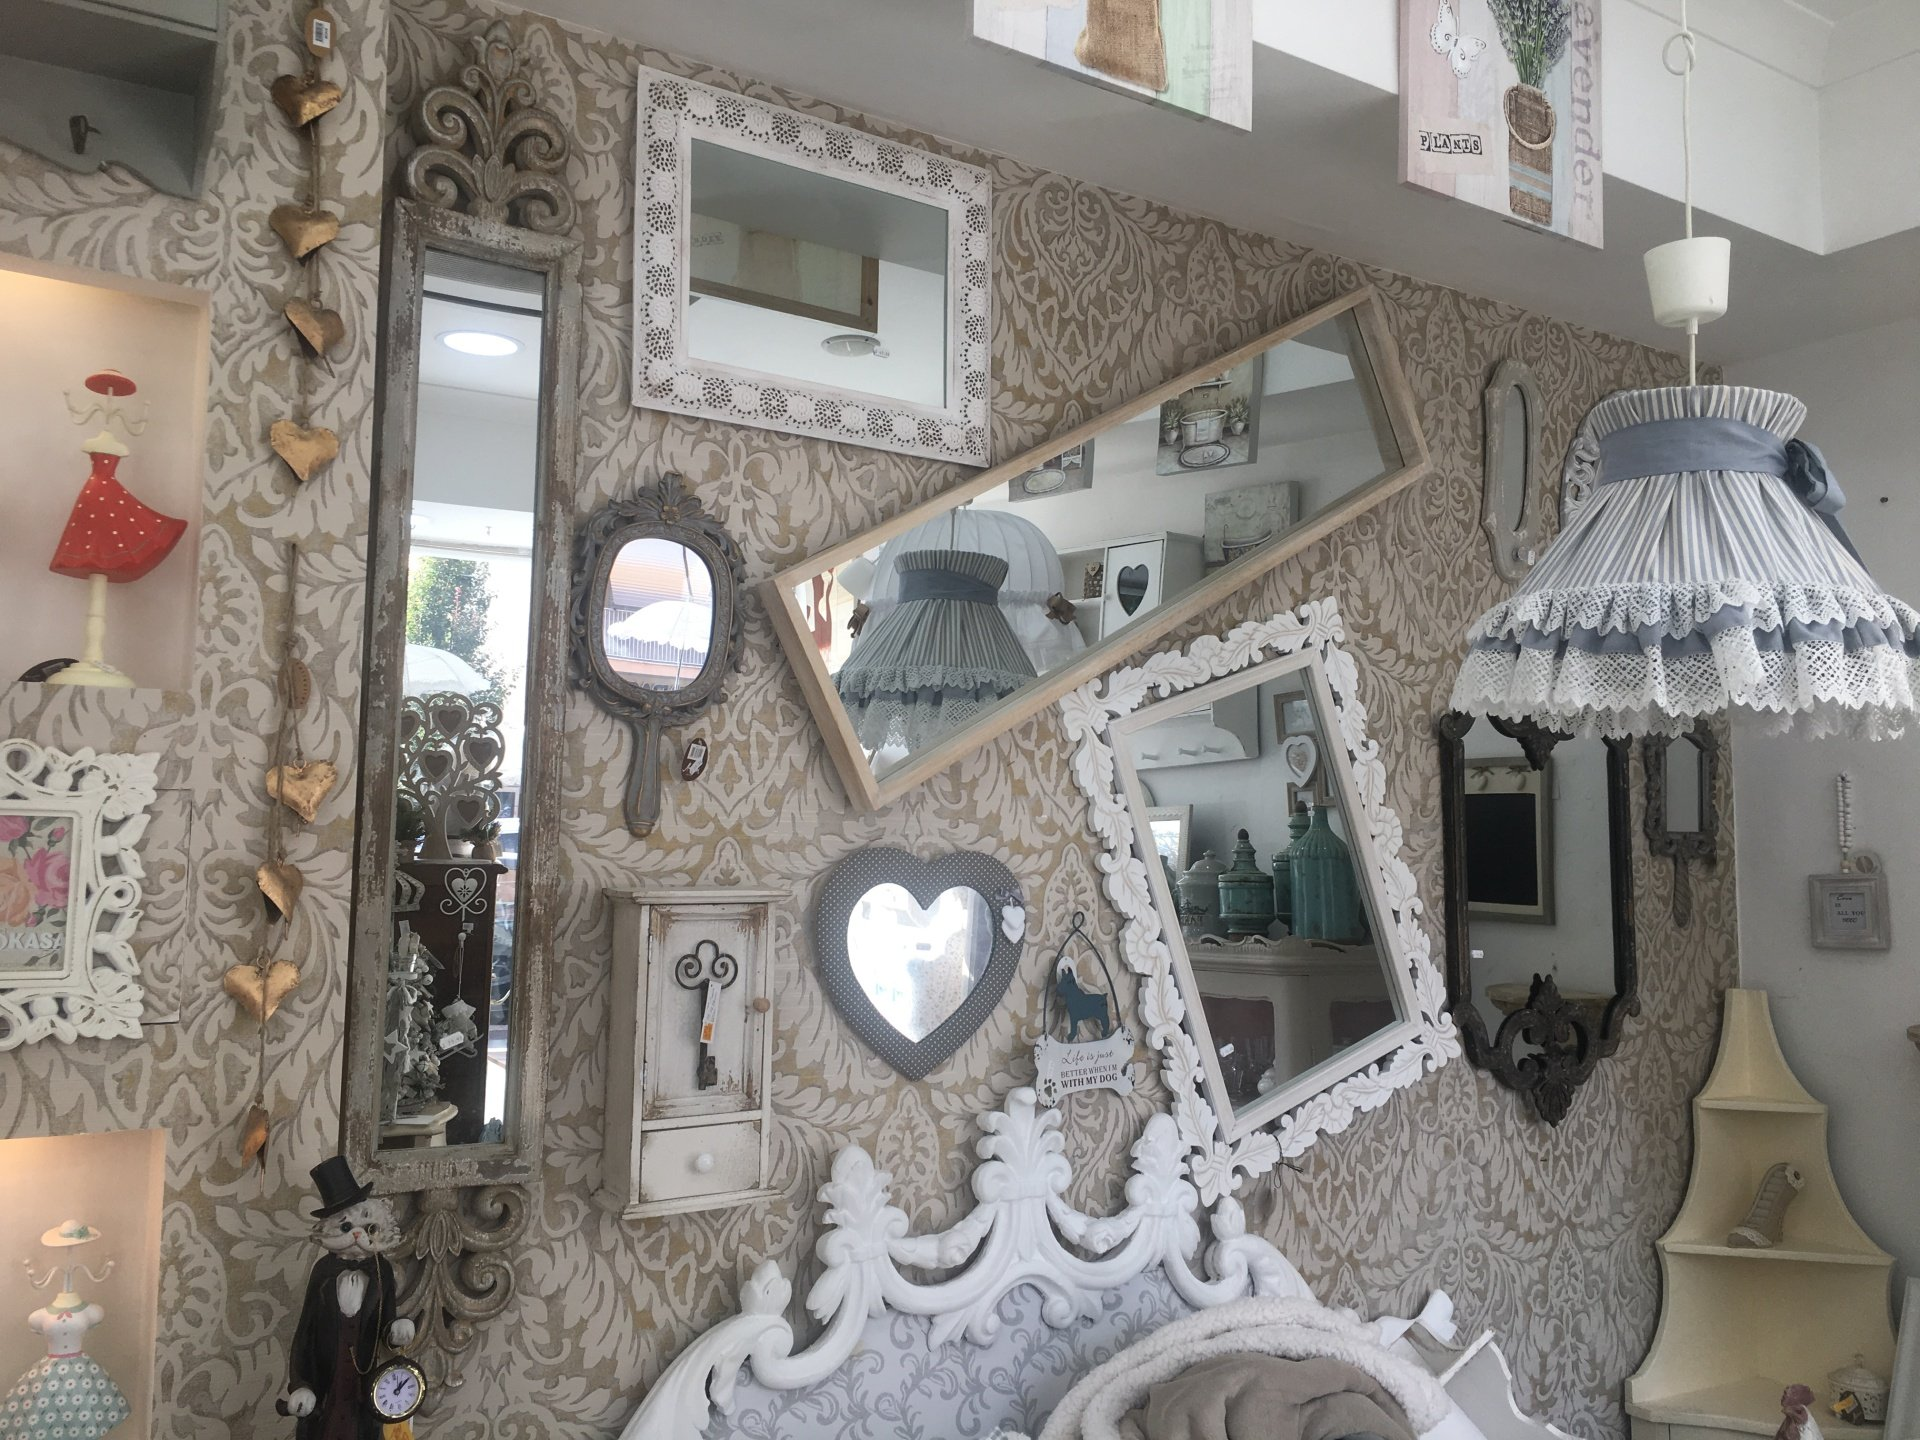 Vendita arredamento shabby roma la petite maison di ivano guadagno - Permuta mobili usati ...